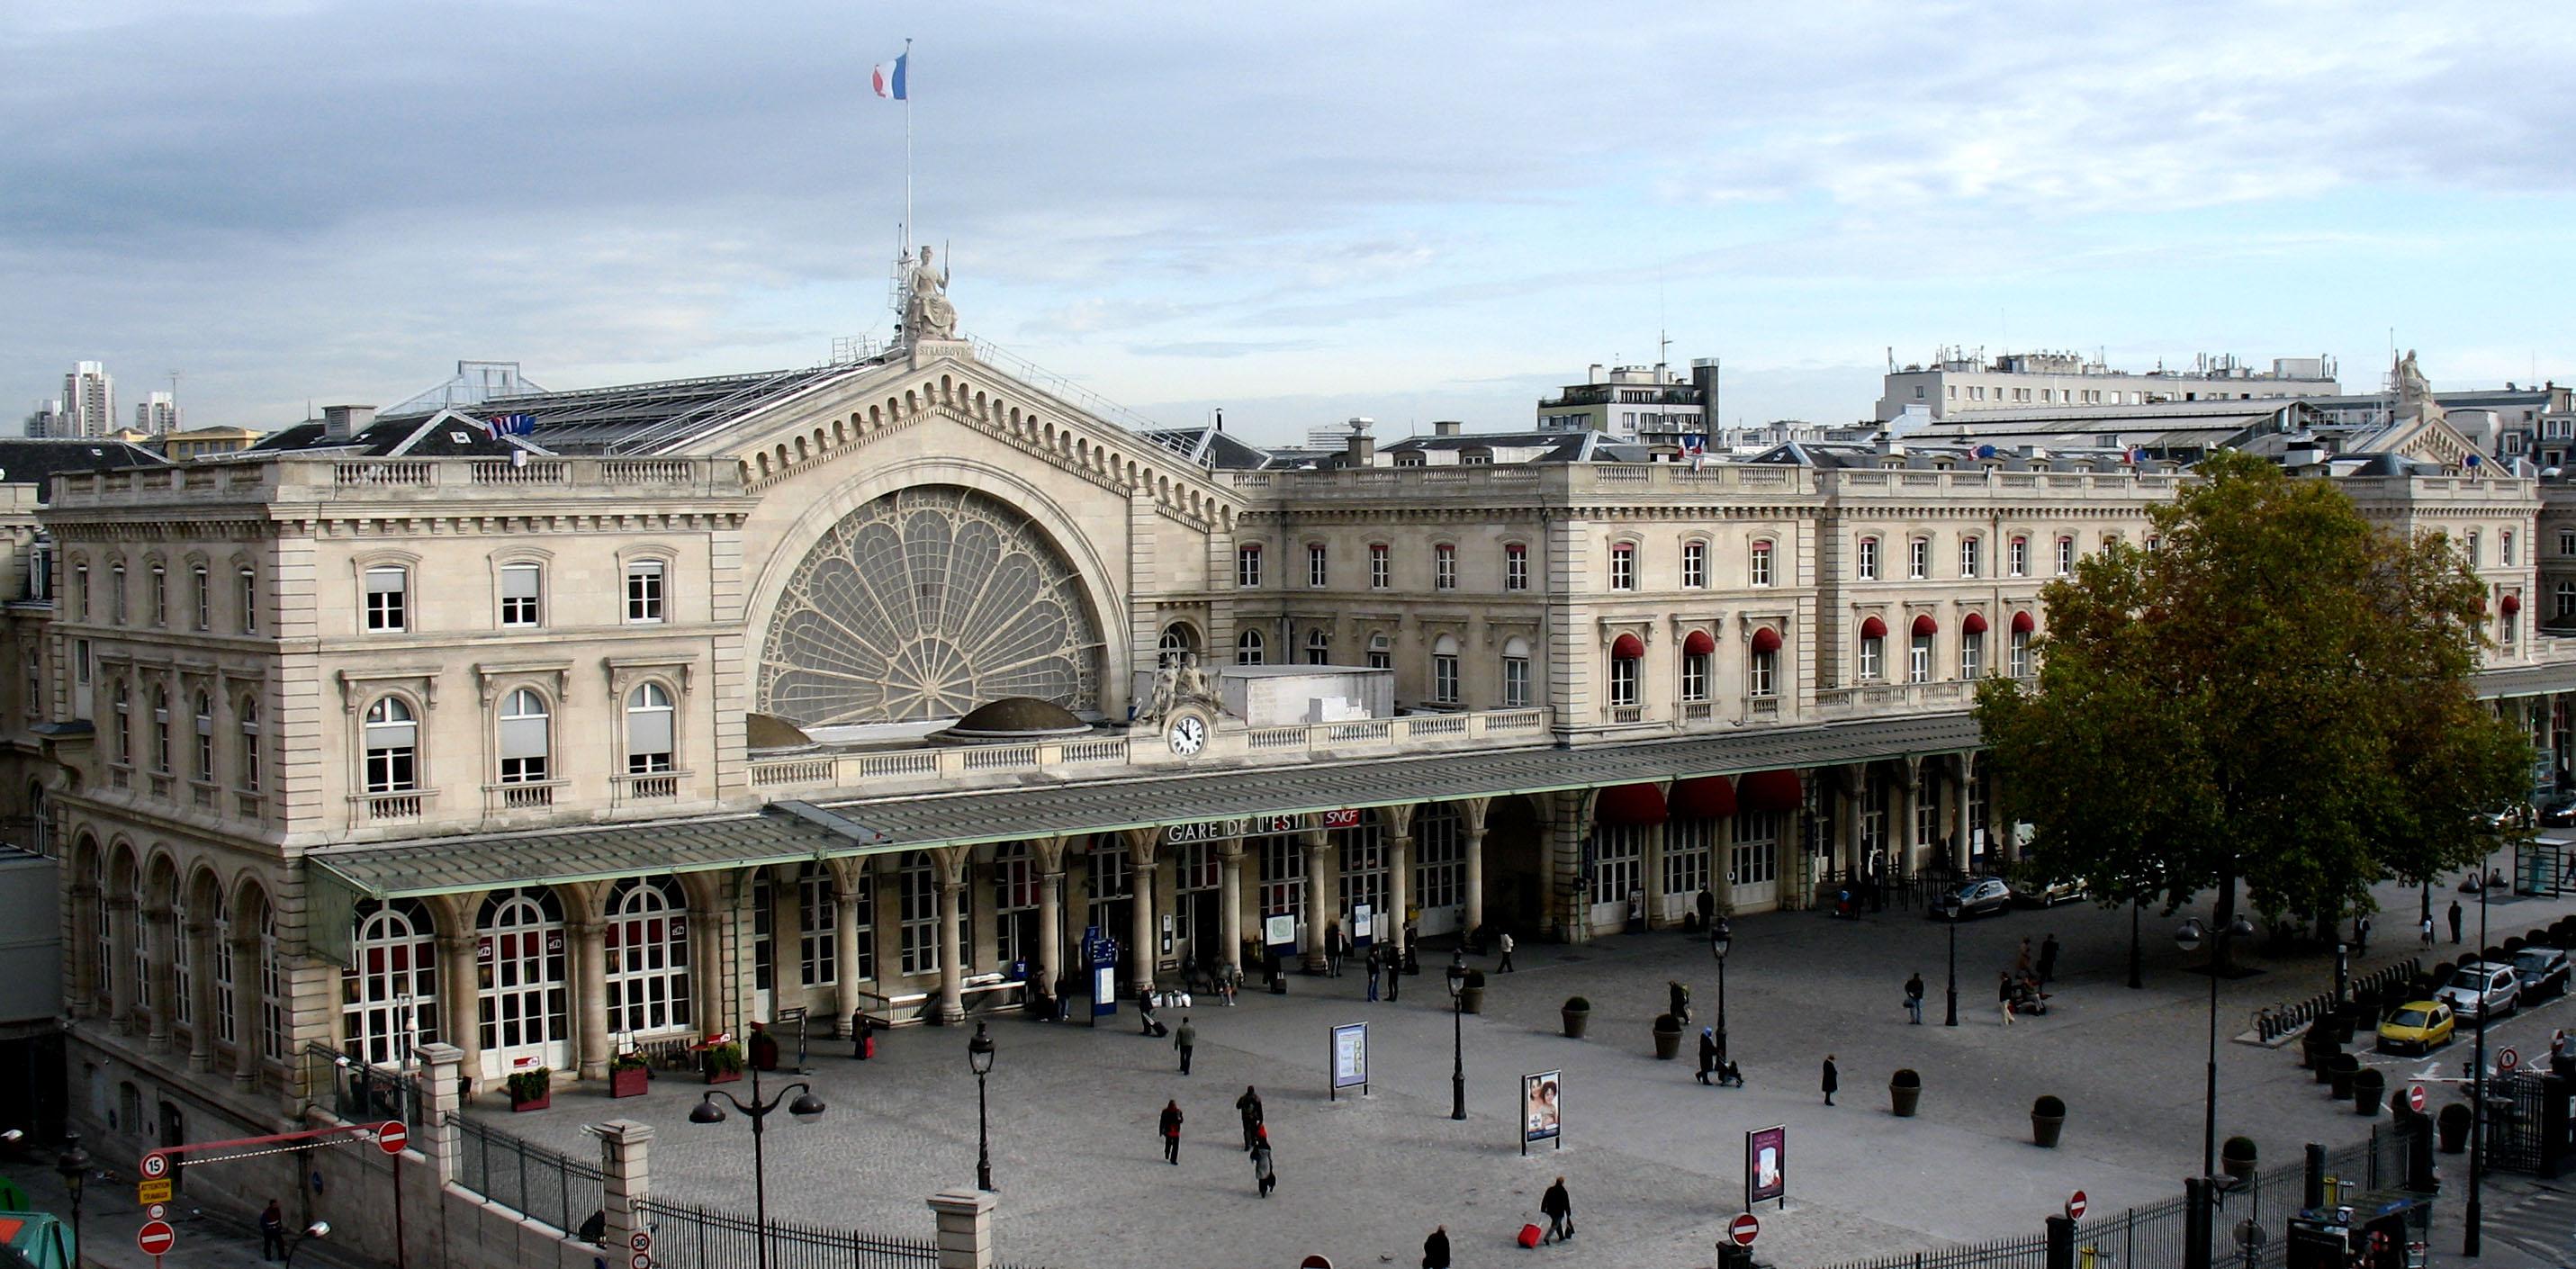 Paris-Gare-de-l-Est-train-station